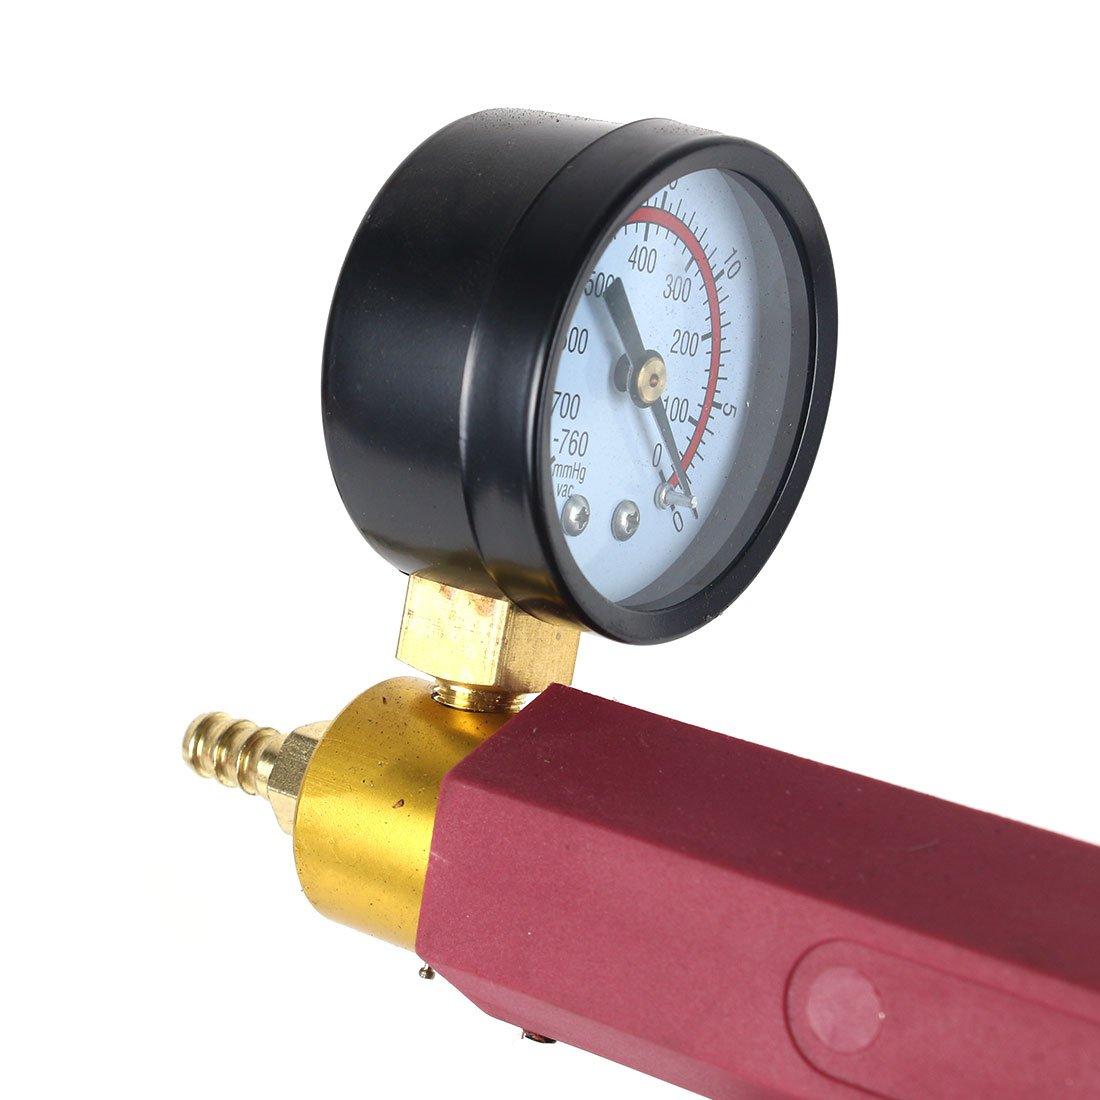 13PC Hand Held Vacuum Pressure Pump Tester Kit Brake Fluid Bleeder Car Motorbike Bleeding Set by Copap (Image #5)